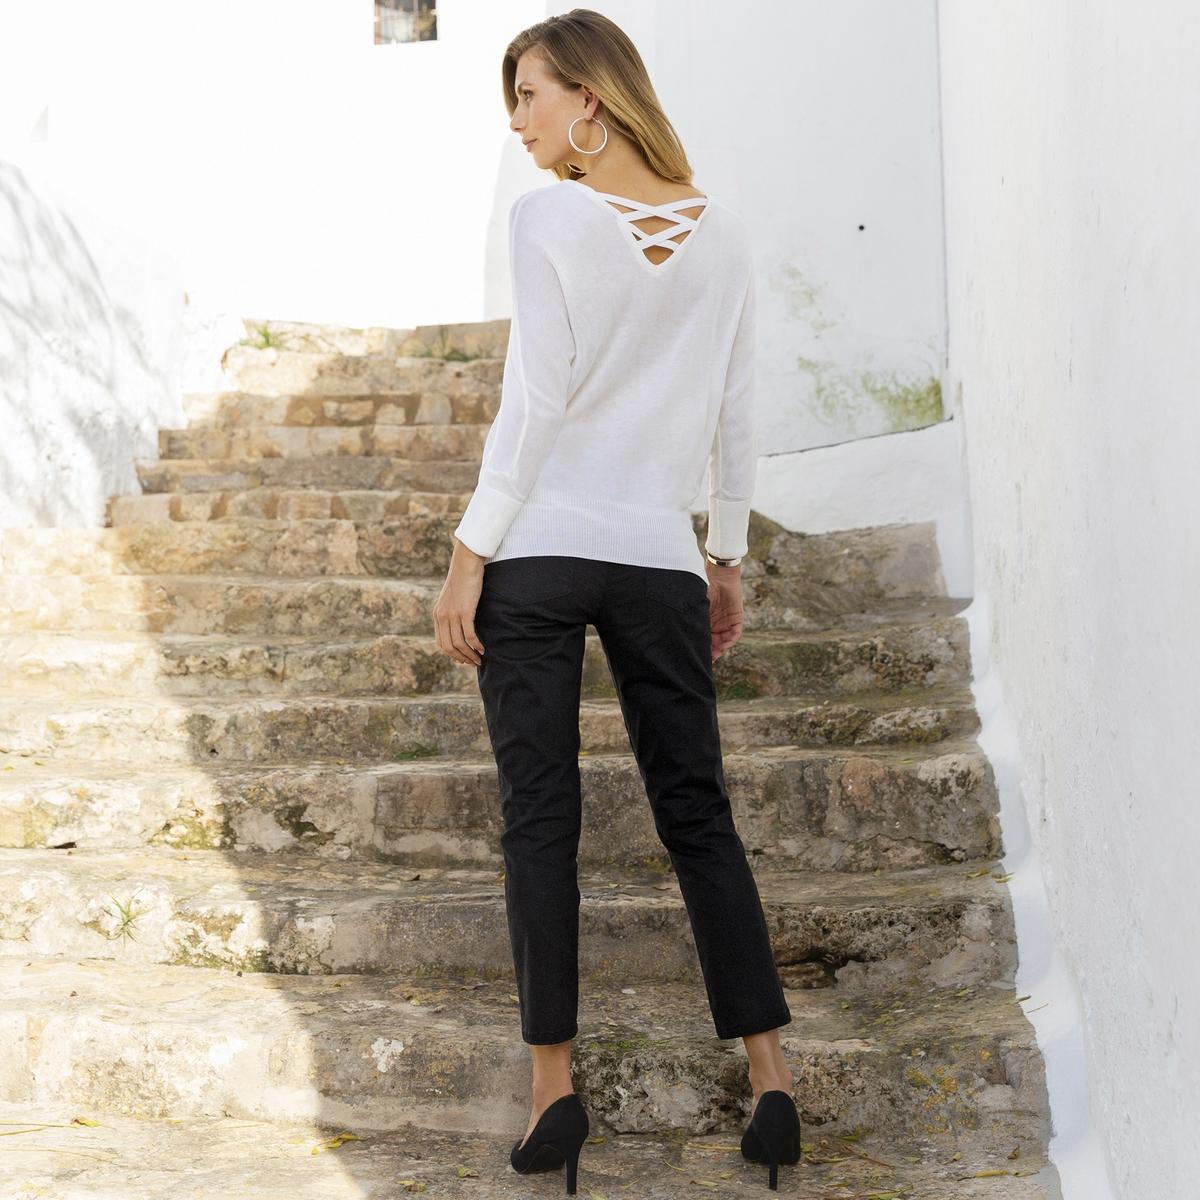 Imagen principal de producto de Pantalón recto tobillero de algodón stretch - Anne weyburn